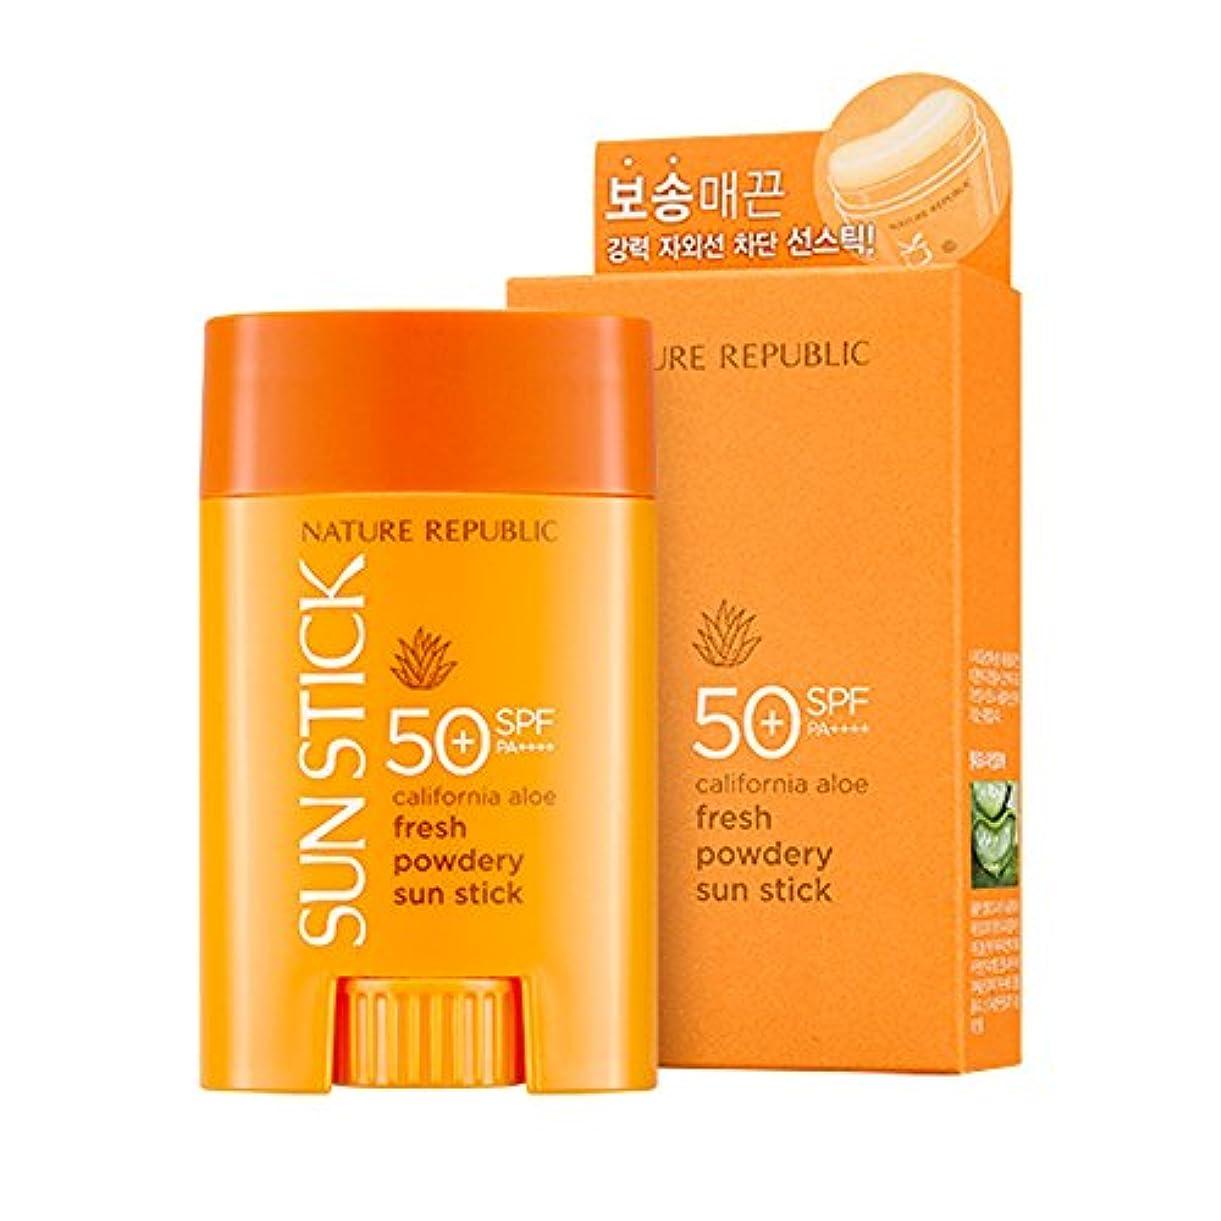 ネーピアクスクス迫害Nature Republic California Aloe Fresh Powdery Sun Stick SPF50+ PA++++ 22g / 0.77 oz. ネイチャーリパブリック カリフォルニア アロエ フレッシュ...